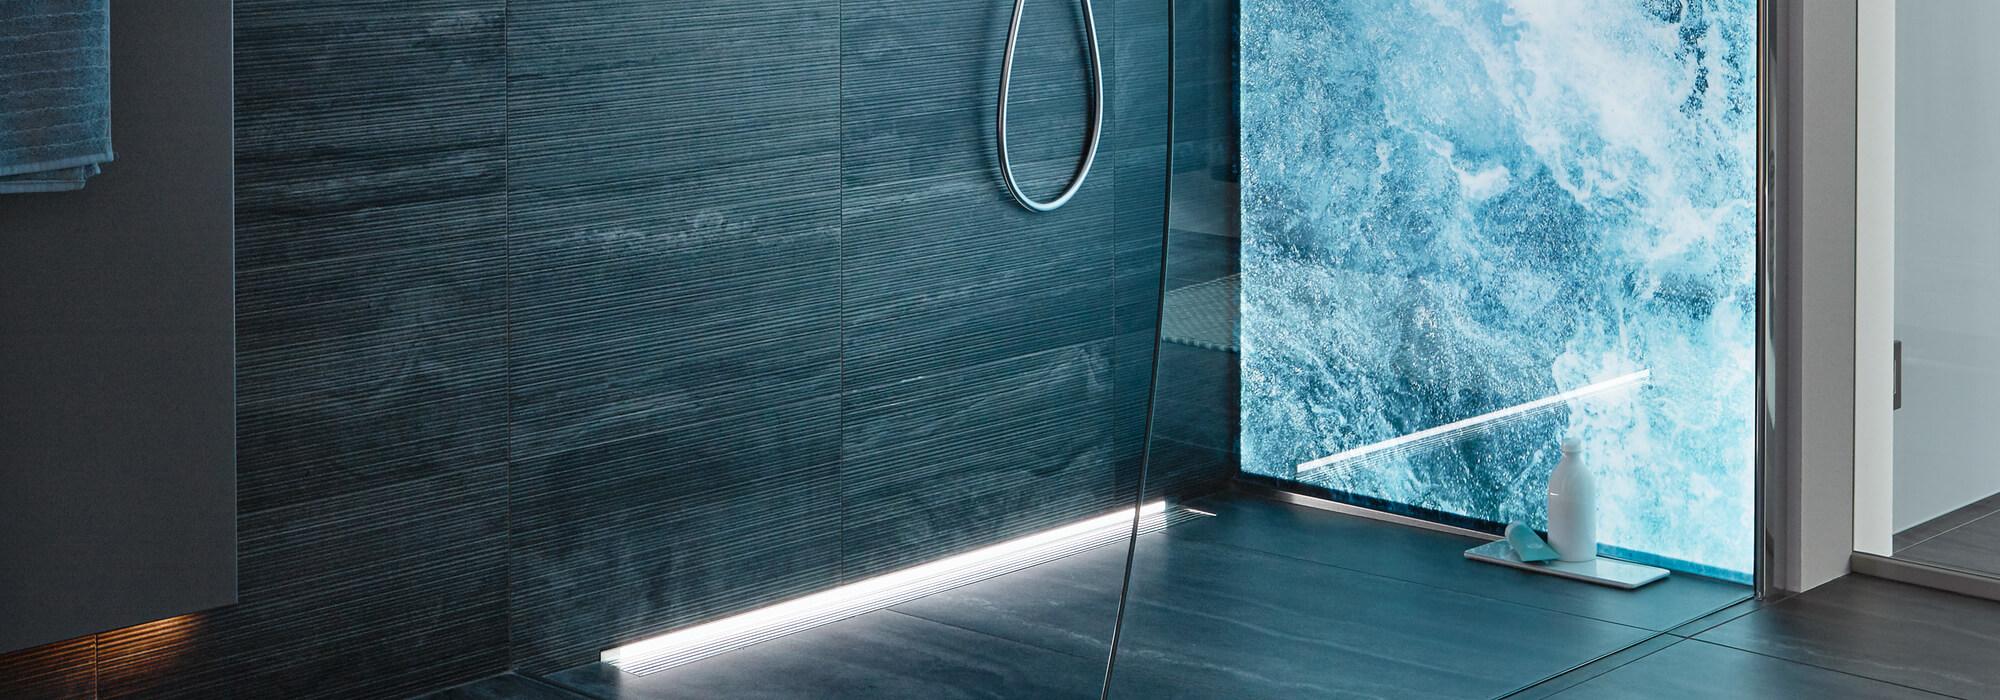 Full Size of Sprinz Duschen Gestaltung Glasduschen Hüppe Kaufen Begehbare Breuer Hsk Schulte Werksverkauf Moderne Bodengleiche Dusche Sprinz Duschen